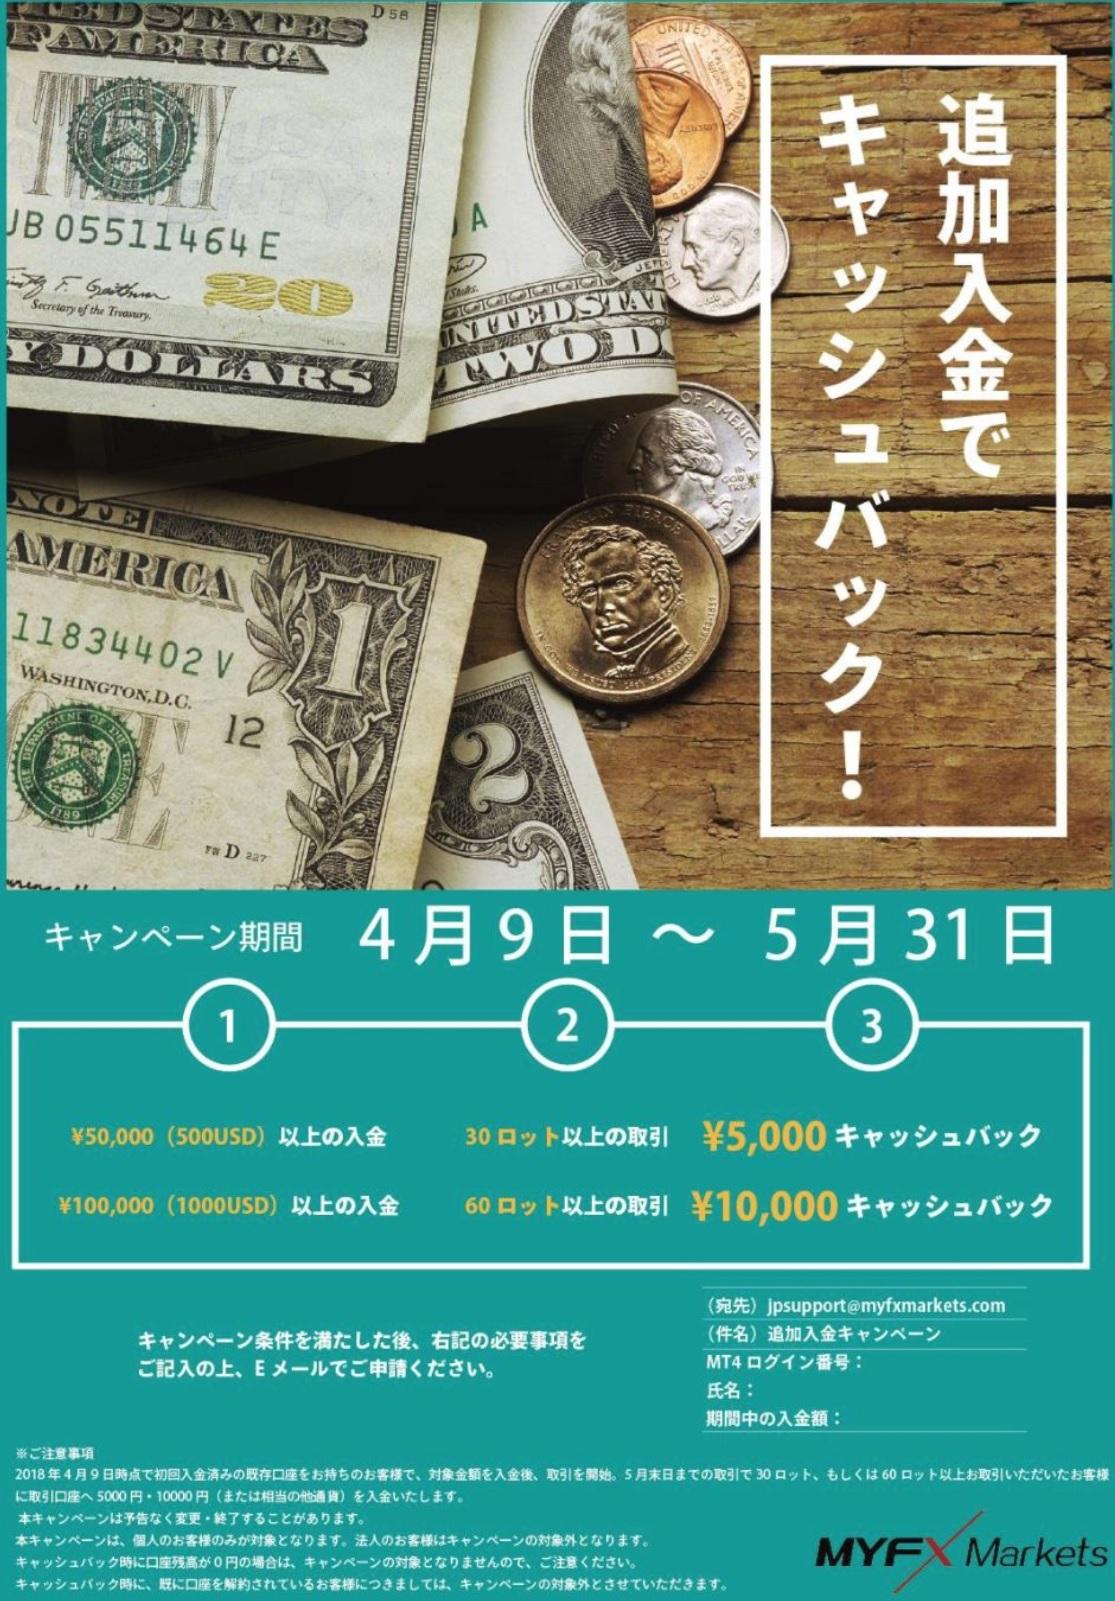 MyFX Markets (マイFXマーケット)